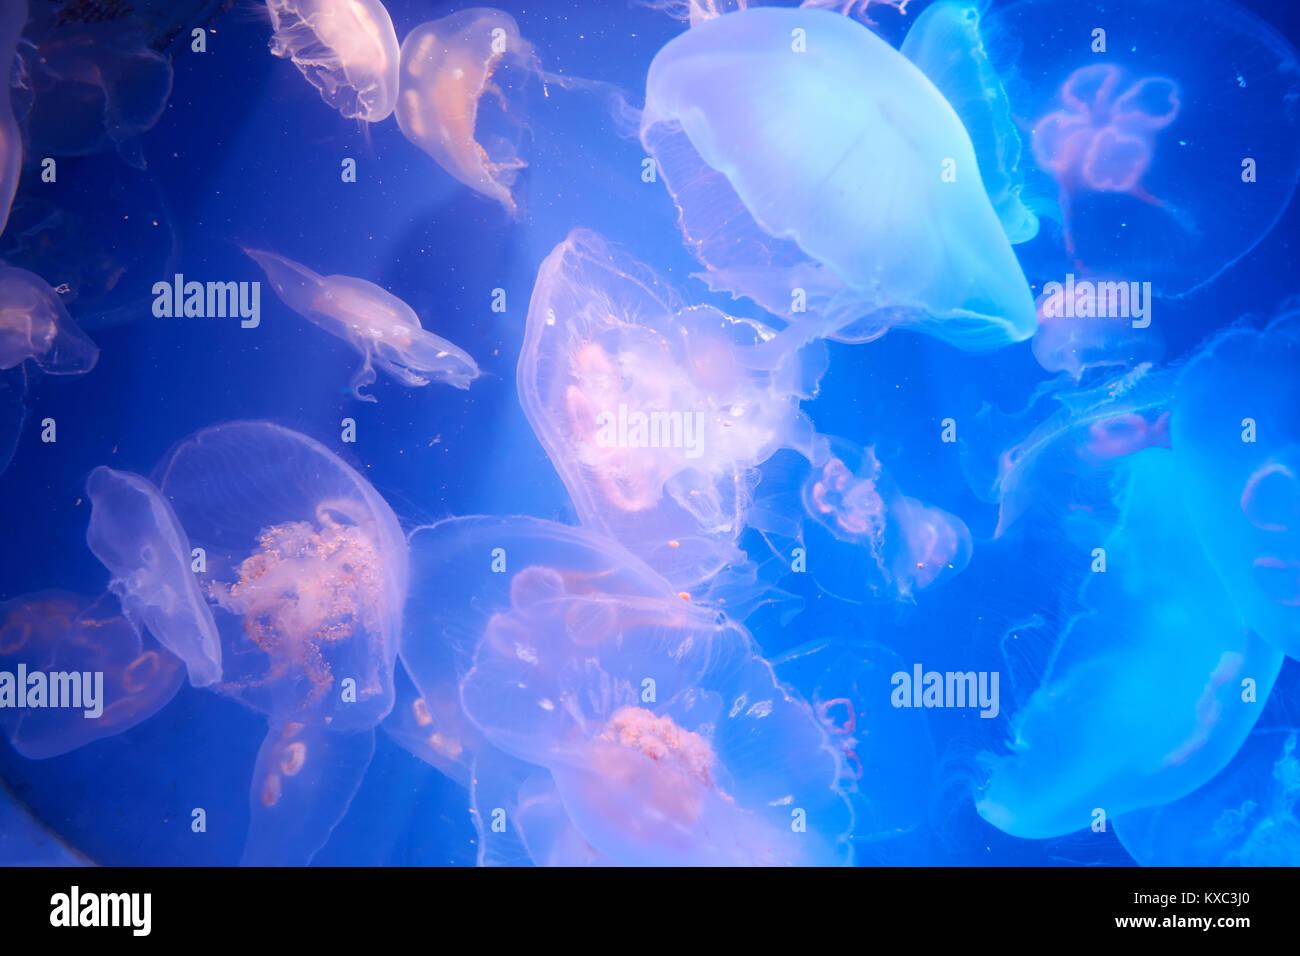 De nombreuses méduses translucides ou méduse ou l'ortie-poissons dansent dans l'eau bleue Photo Stock